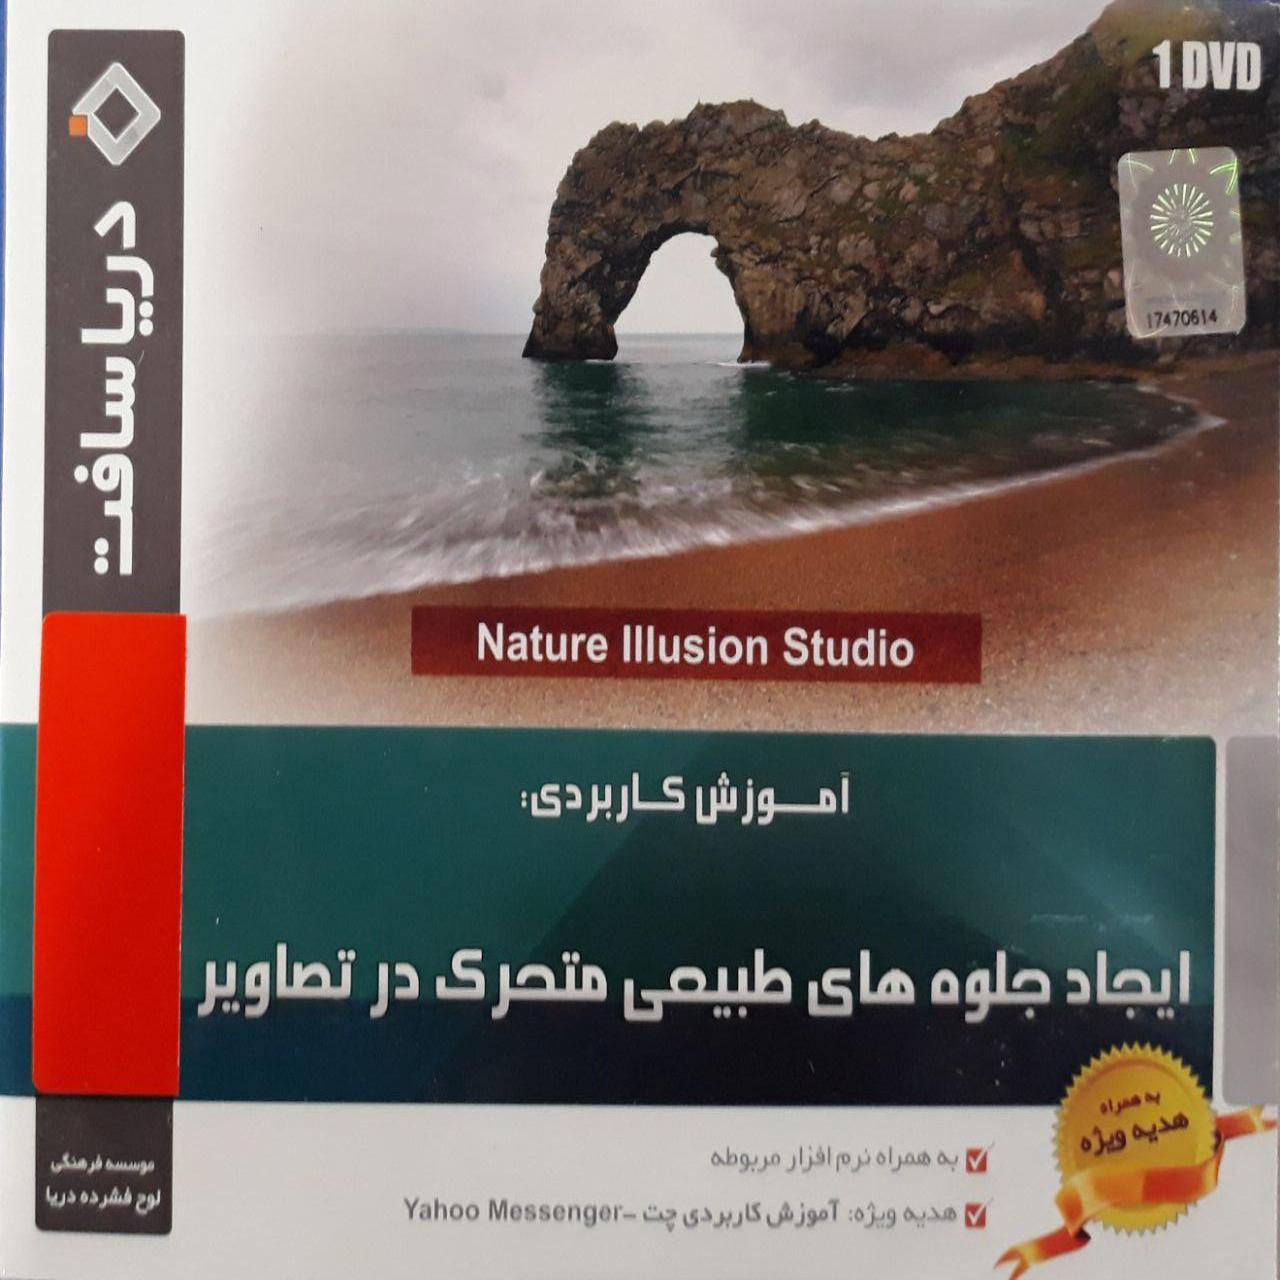 آموزش ایجاد جلوه های طبیعی متحرک در تصاویر نشر دریاسافت